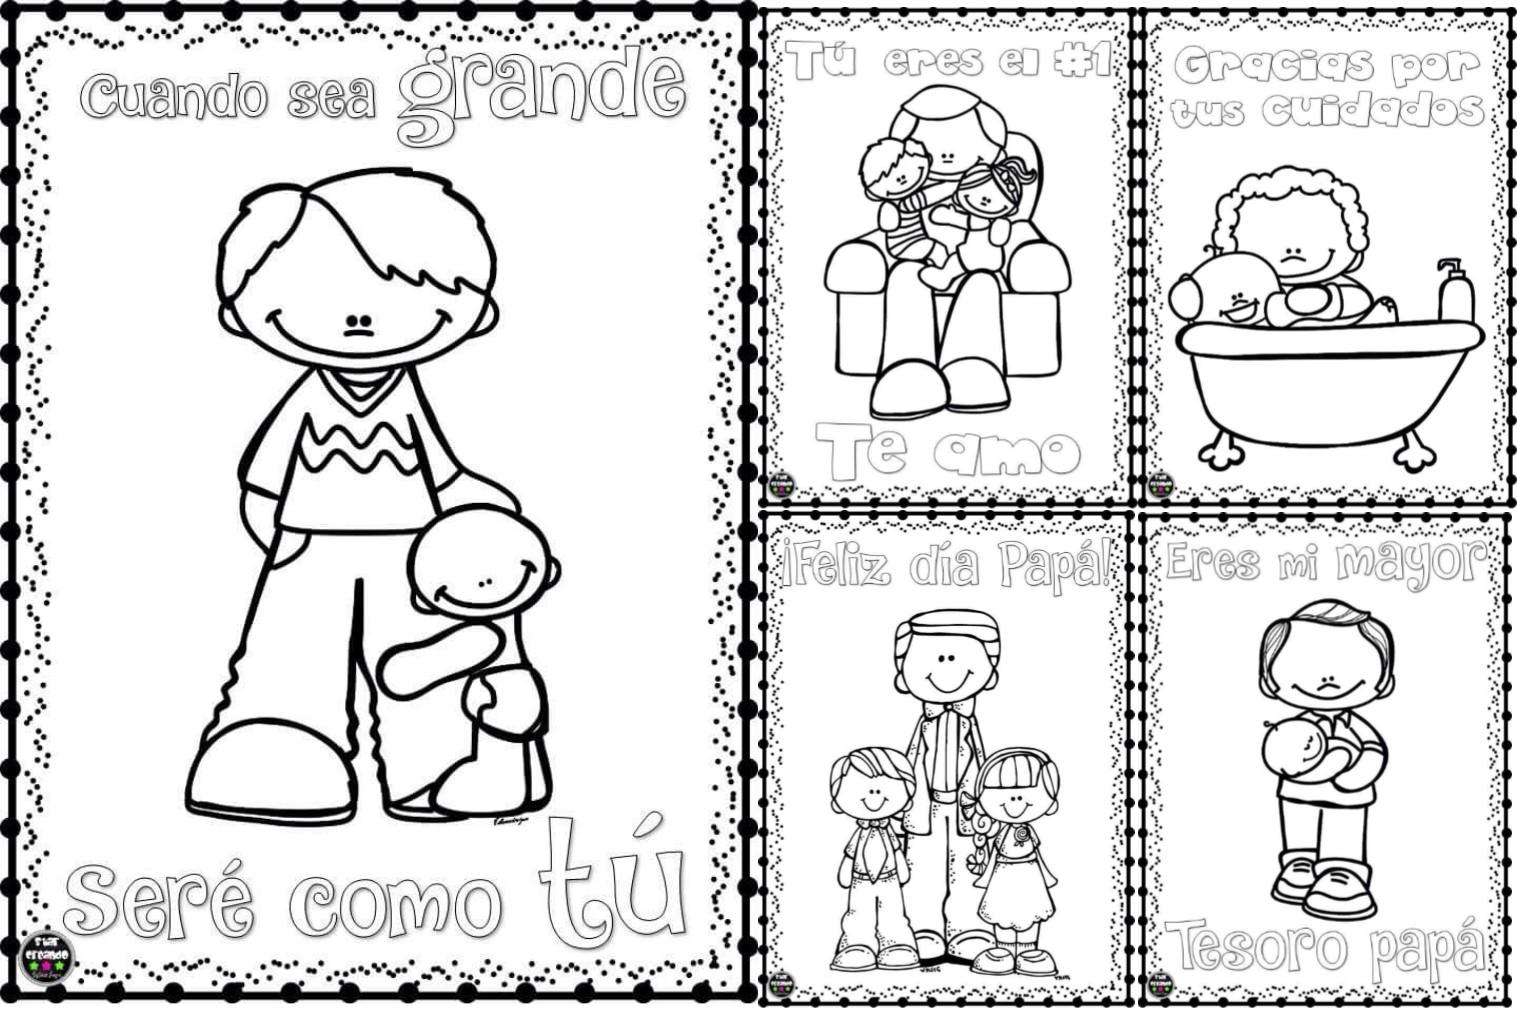 Pdf Dibujos Para Colorear Para El Día Del Padre